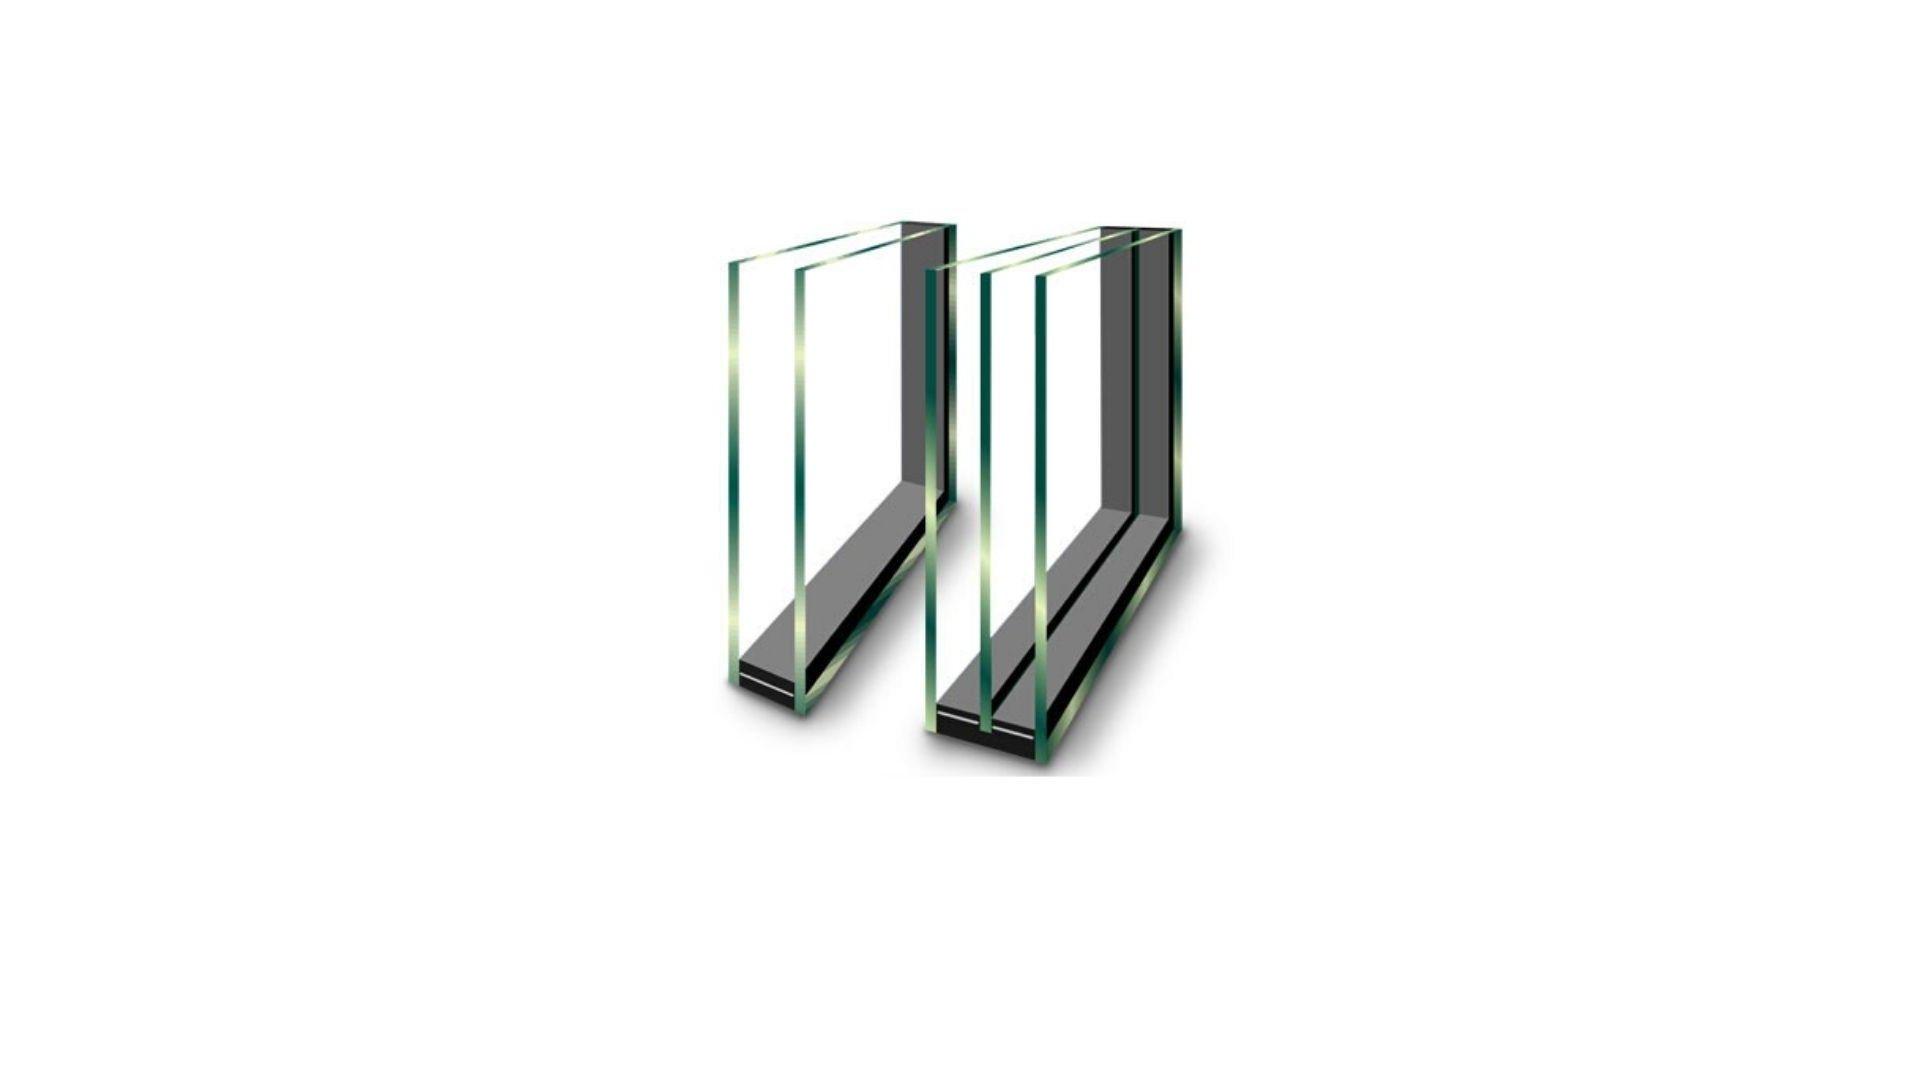 Guida alla scelta degli infissi: doppio o triplo vetro?